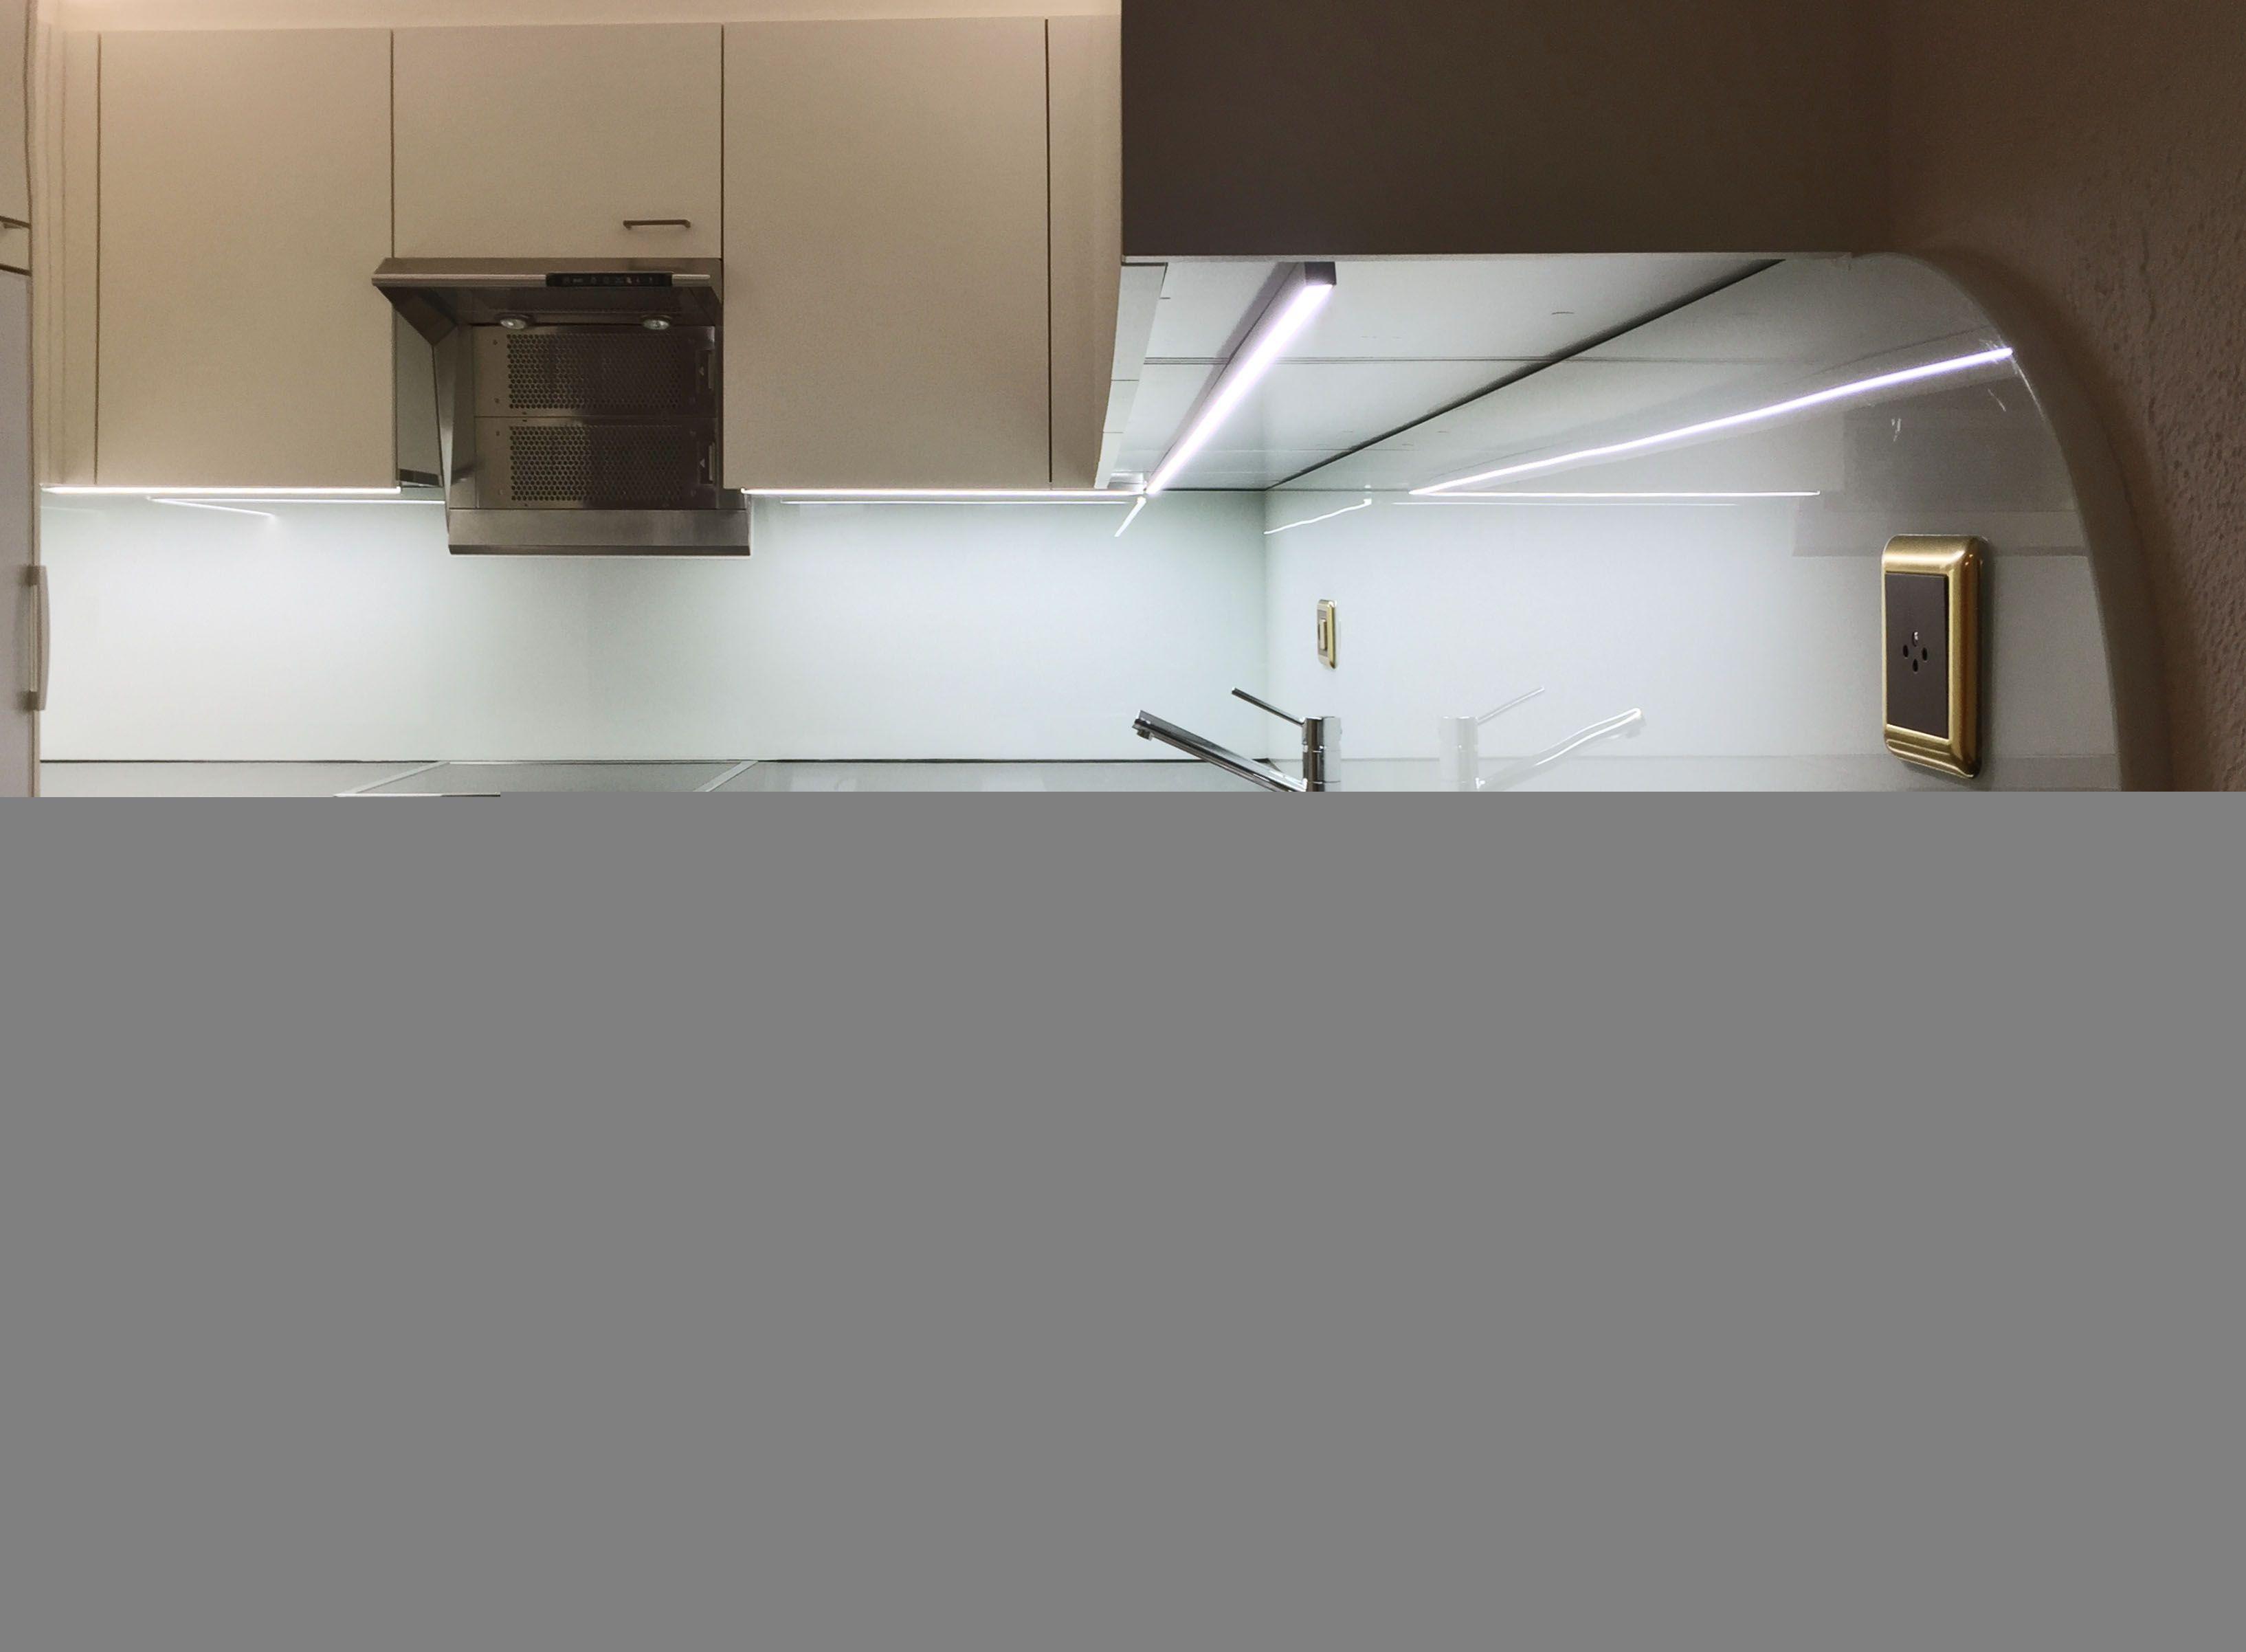 Küchenrückwand gras ~ Glas küchenrückwand mit ral lackierung auf floatbasis in